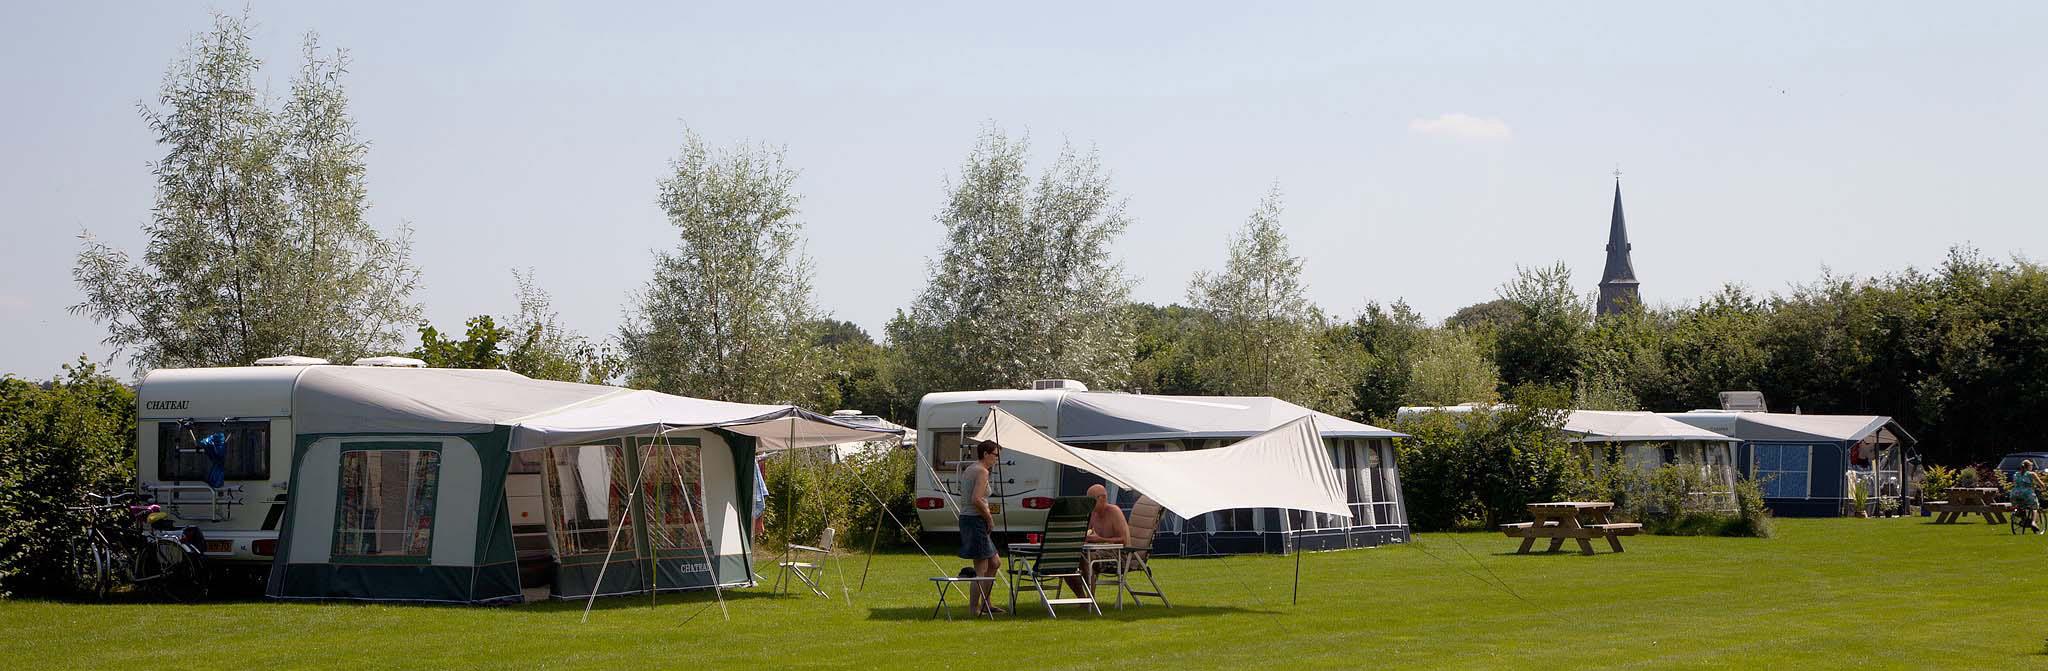 Camping 't Meulenbrugge - Vorden